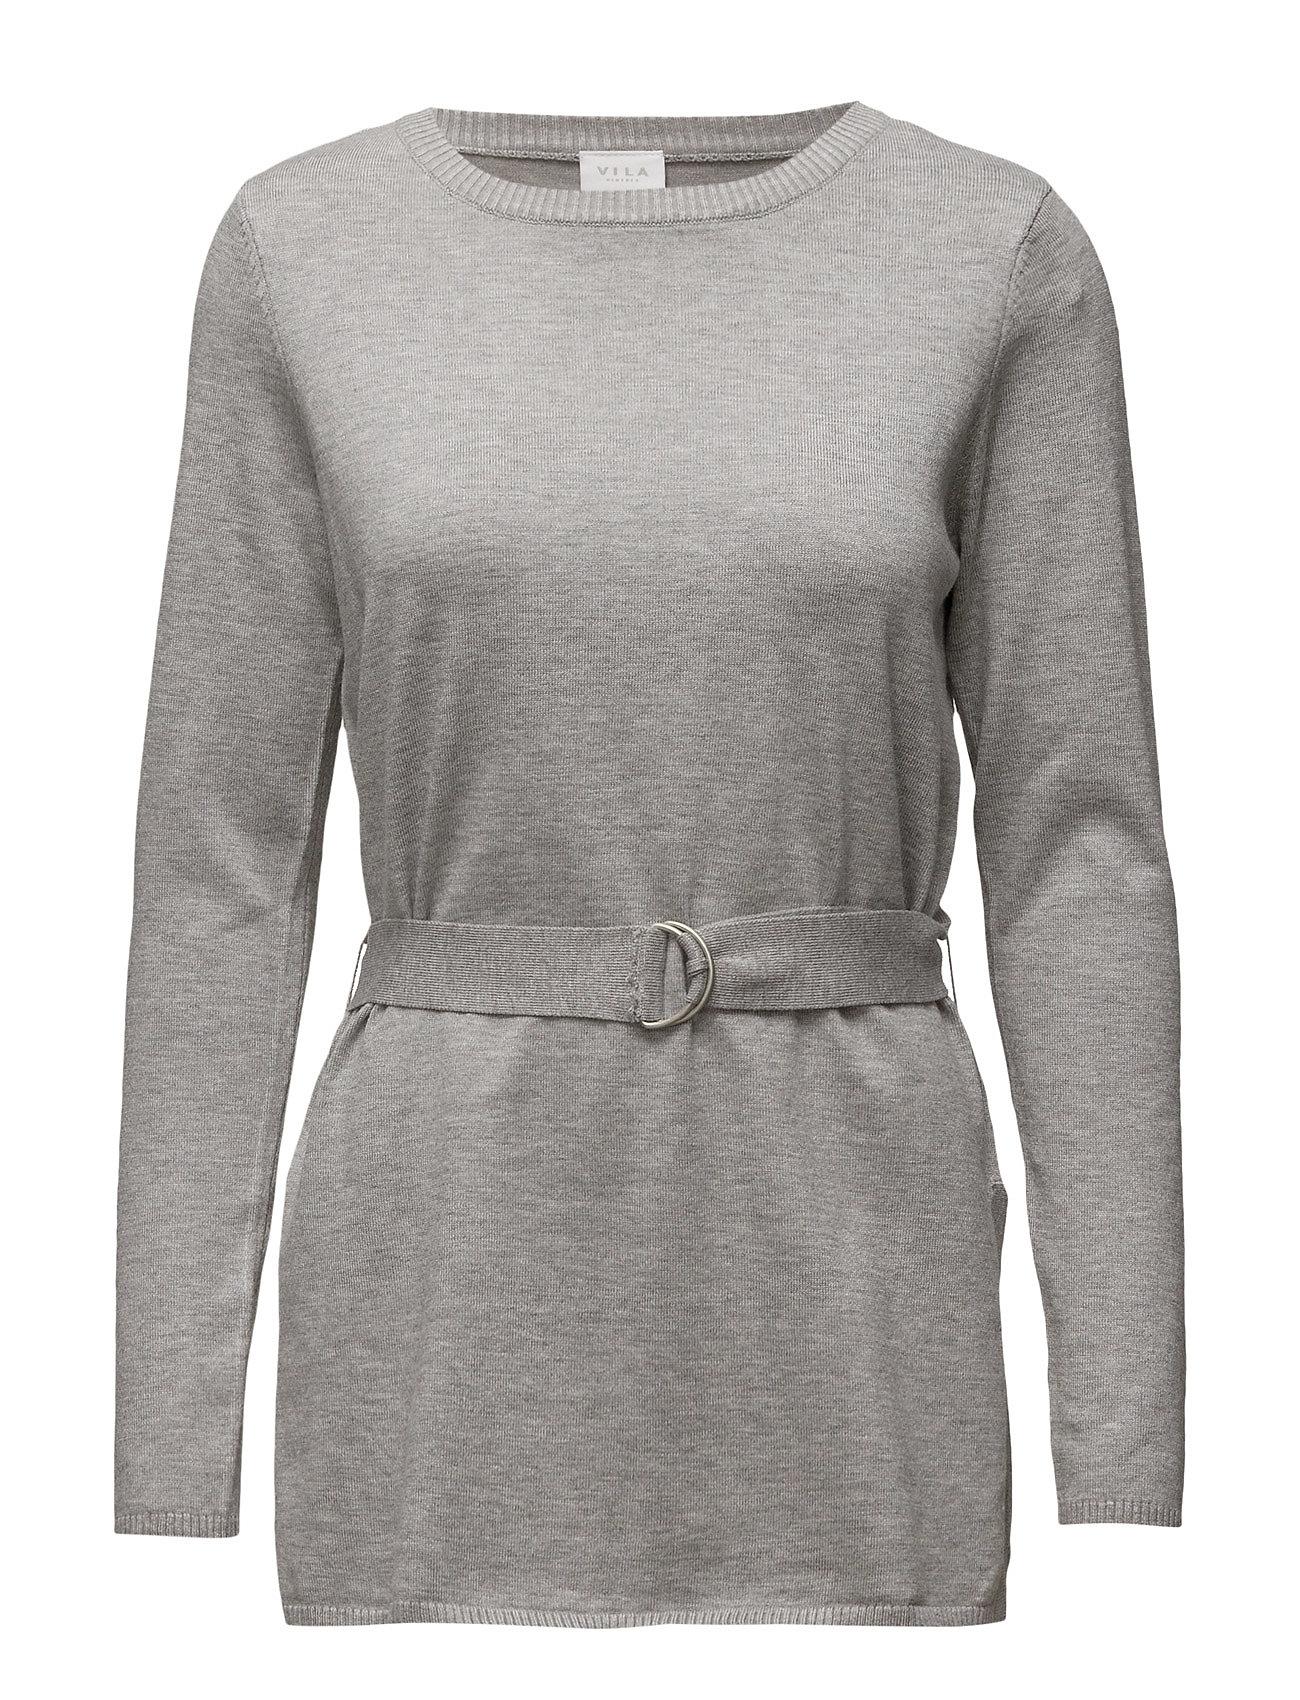 Vidate L/S Belted Knit Top Vila Sweatshirts til Kvinder i Light Grey Melange